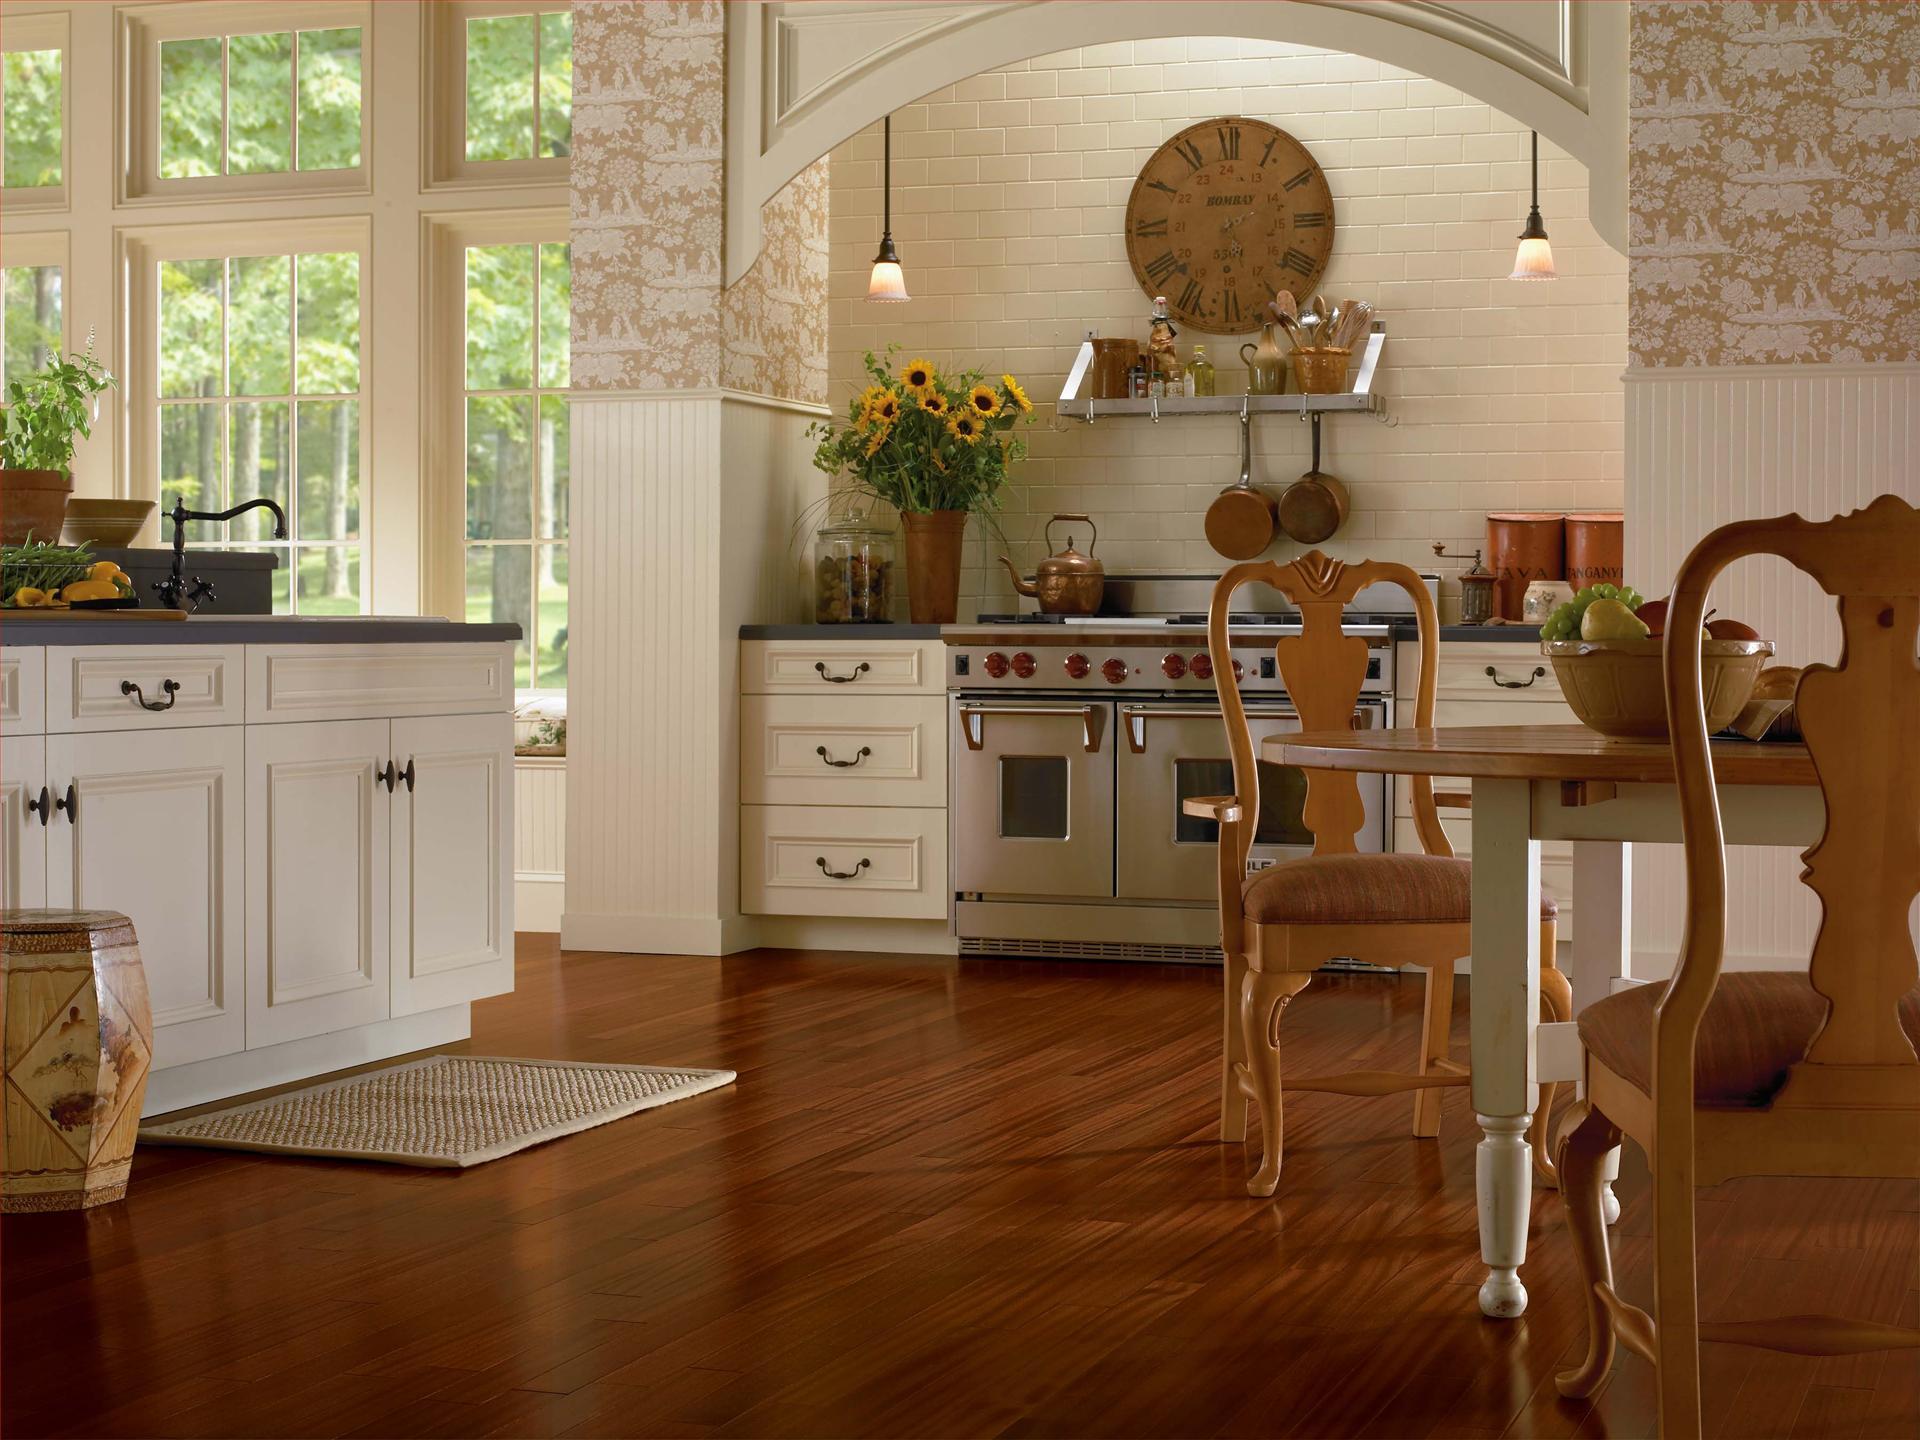 Ламинат под орех на кухне в стиле кантри